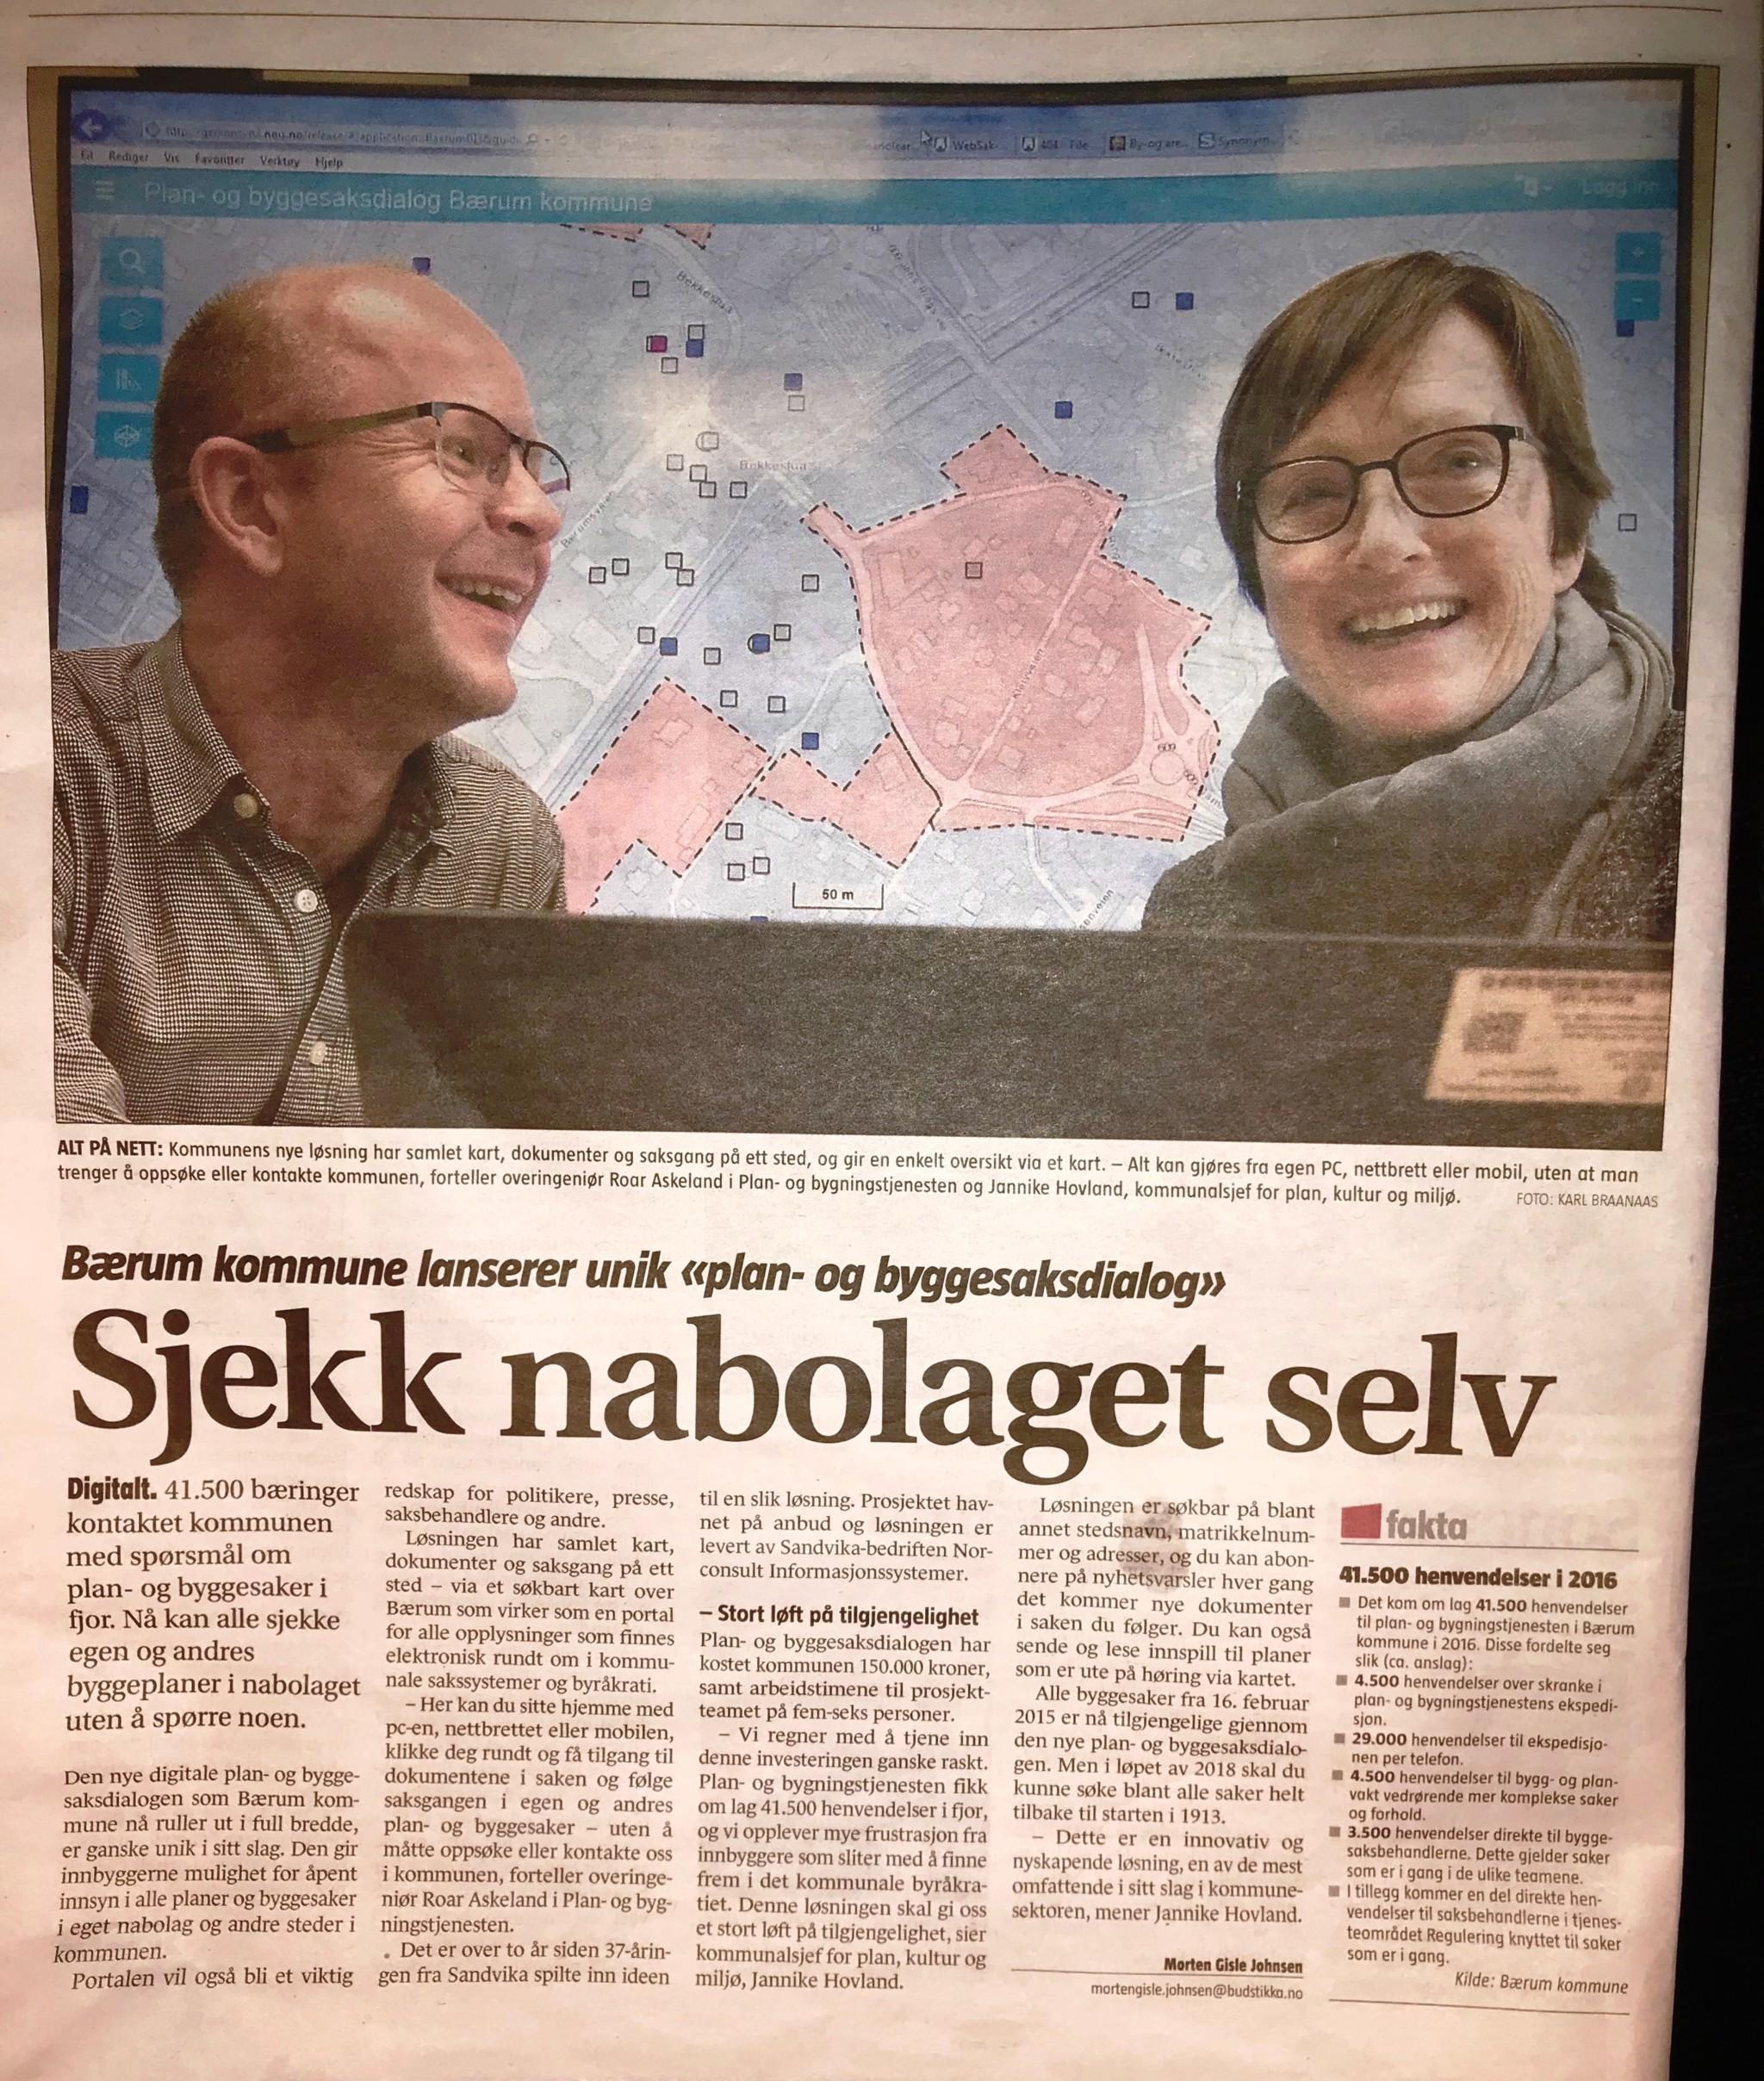 Gratulerer Bærum kommune!